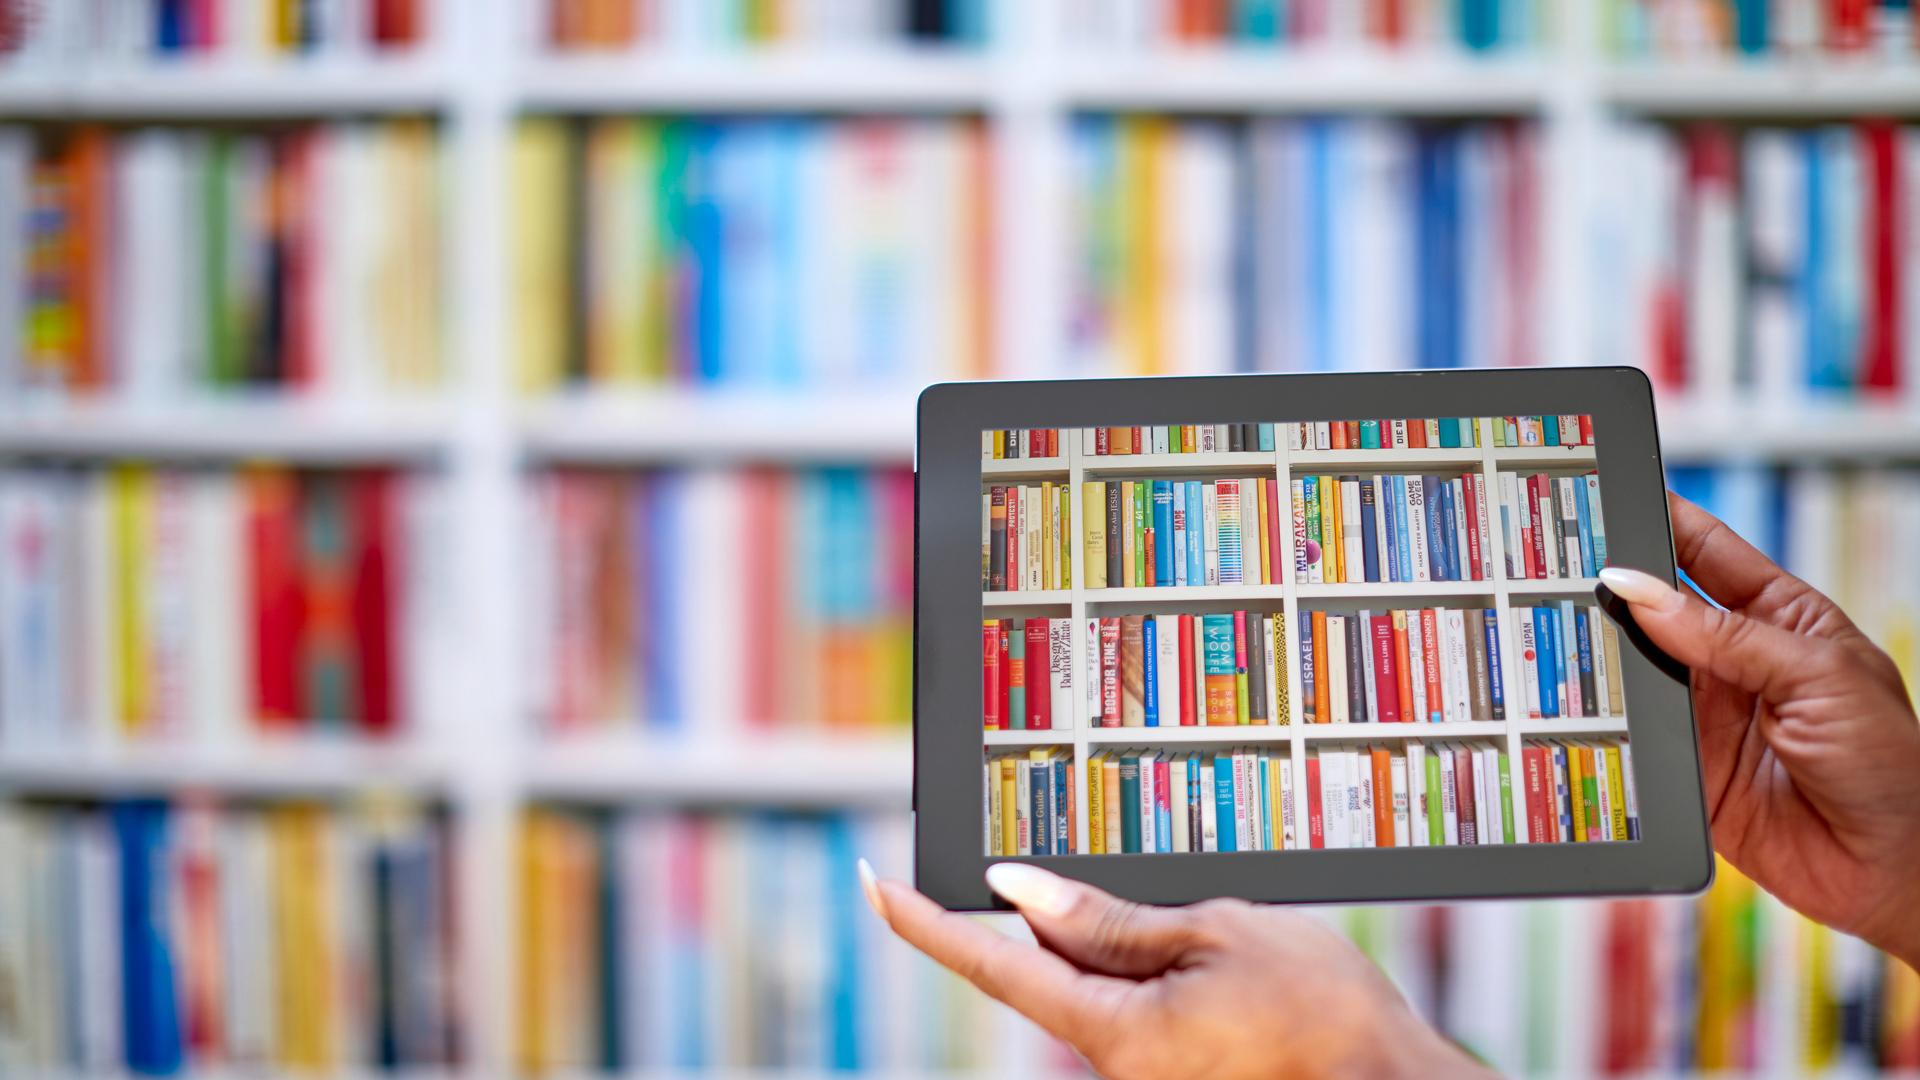 Das Foto eines Bücherregals ist auf einem Tablet-Display zu sehen.